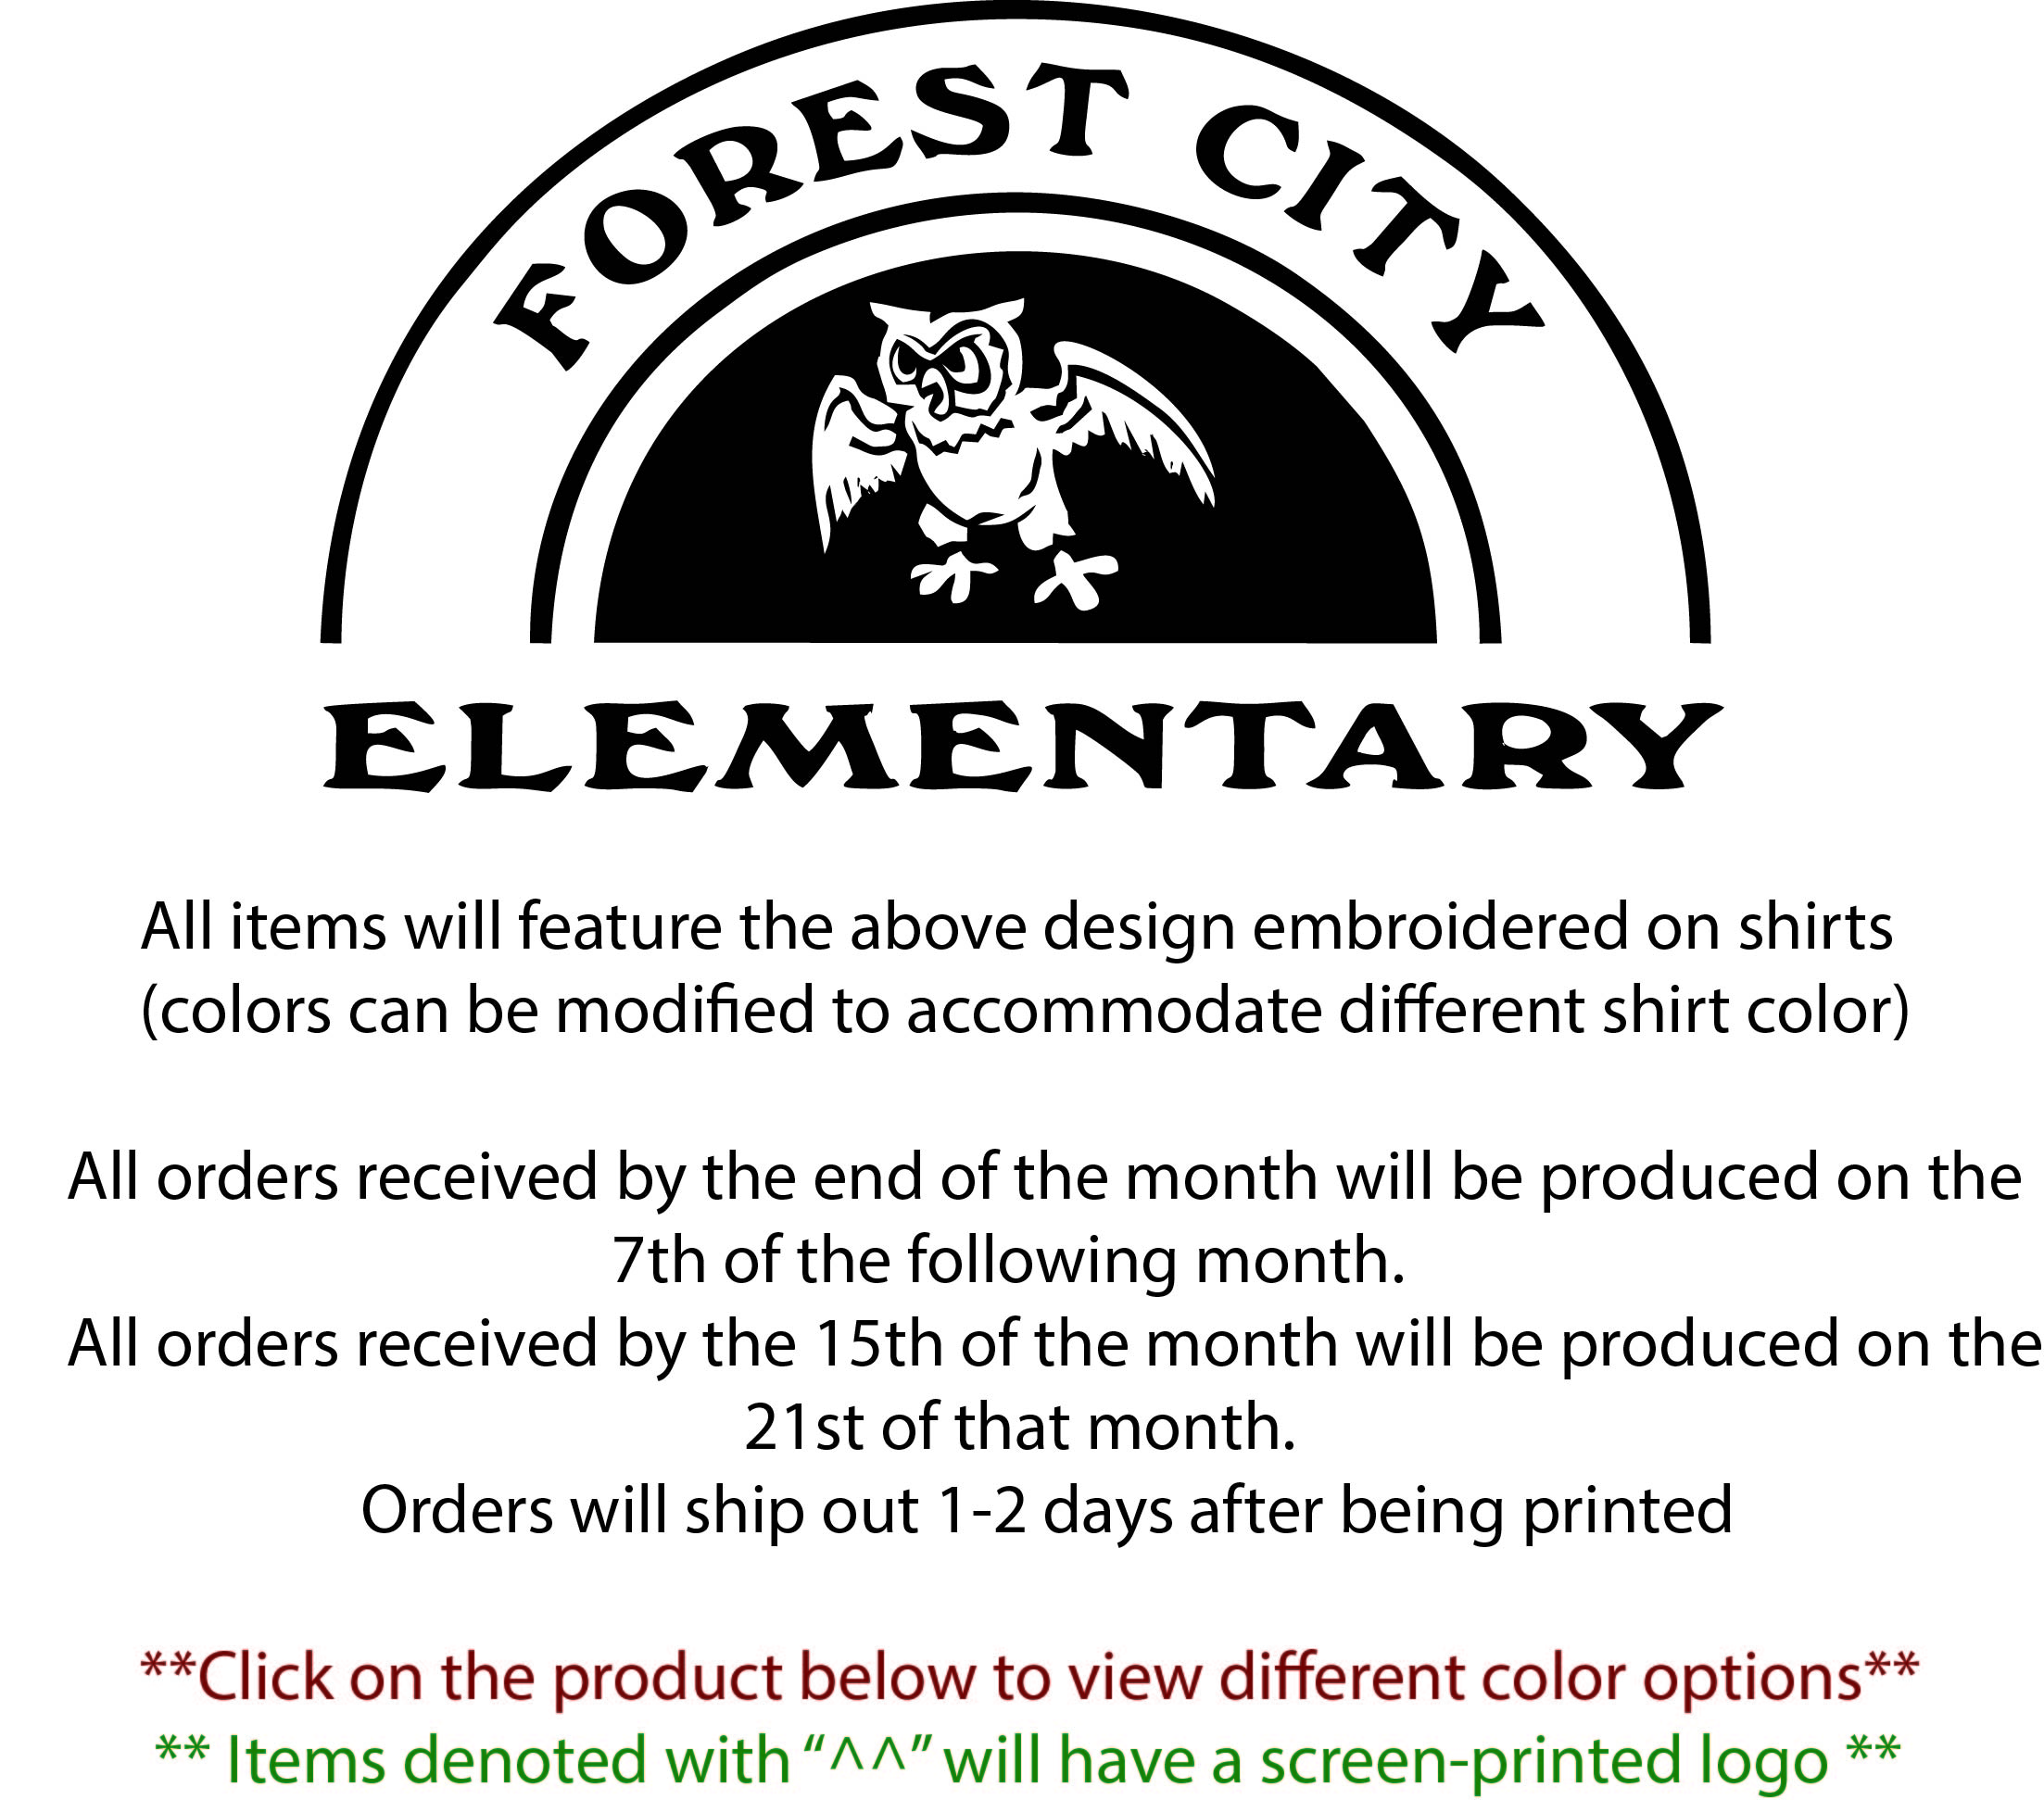 forest-city-web-site-header-staff.jpg